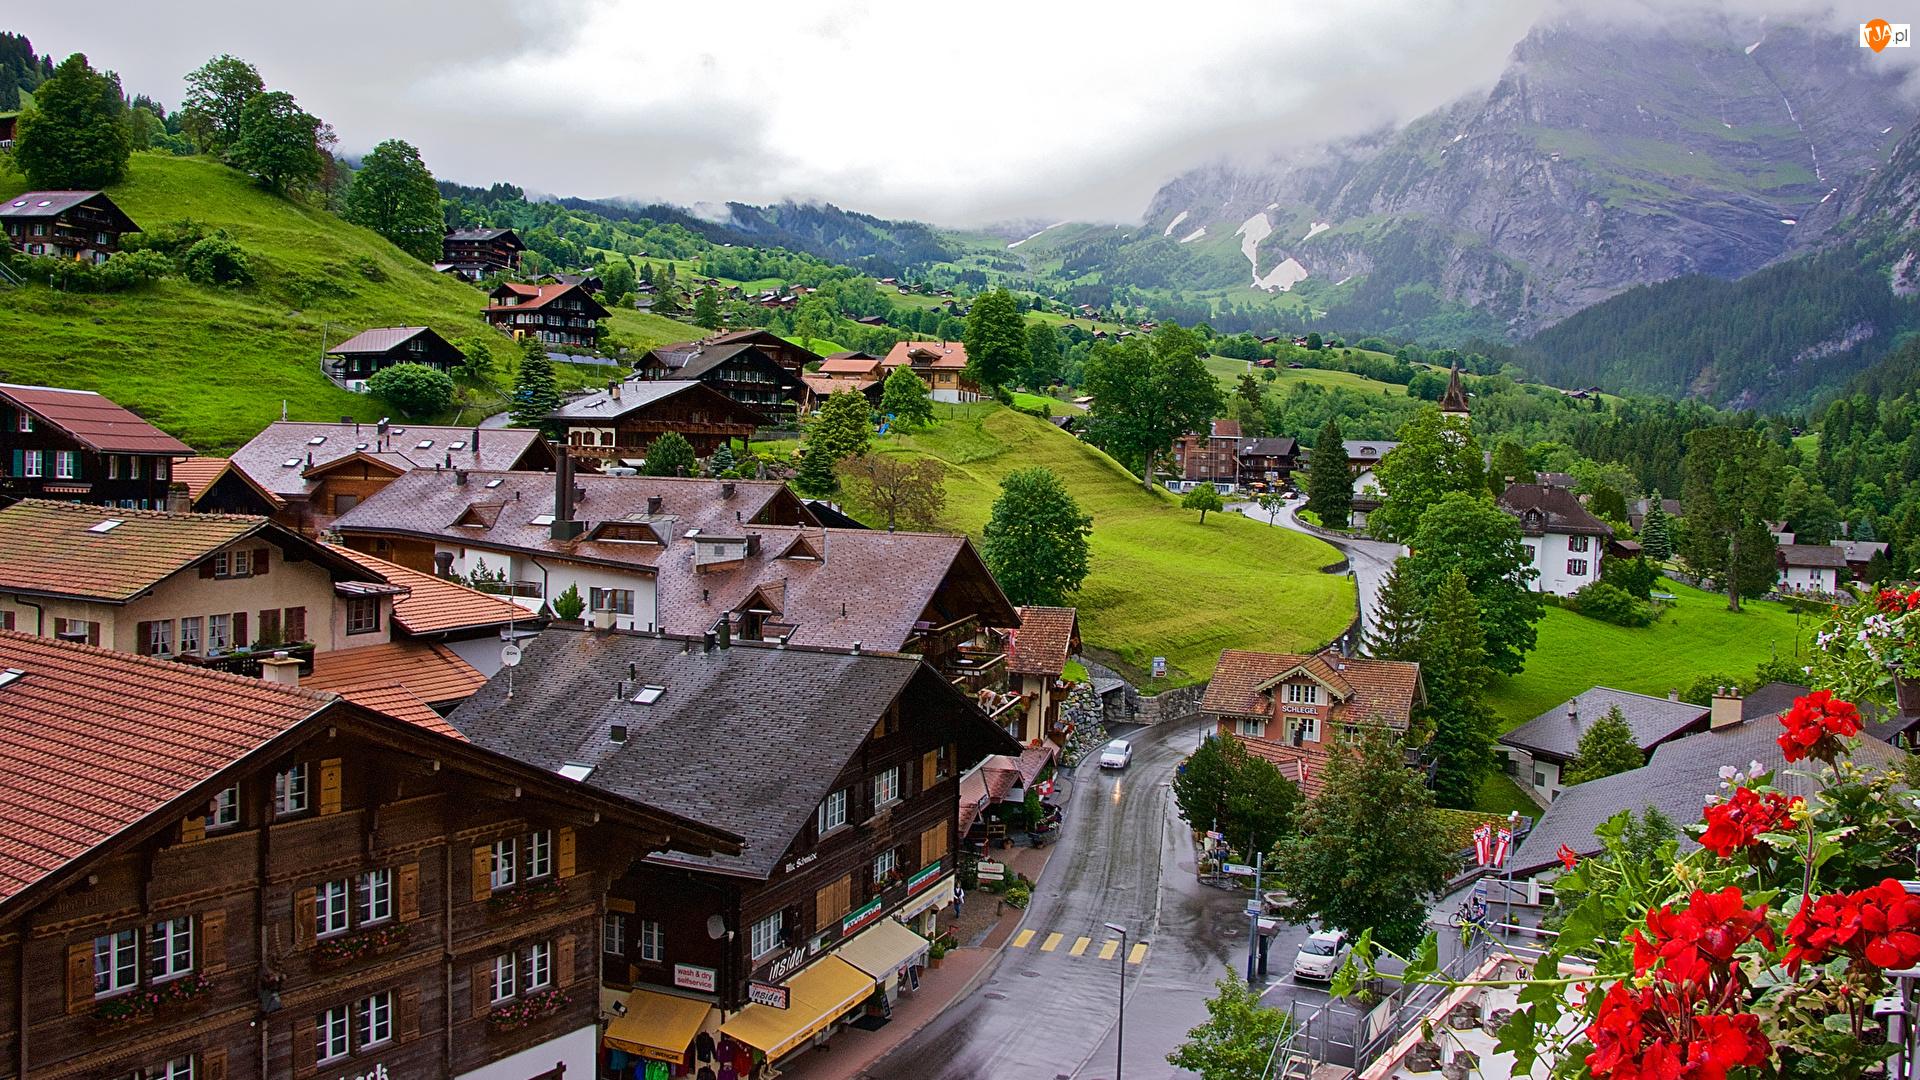 Droga, Góry, Szwajcaria, Domy, Kanton Berno, Grindelwald, Miejscowość